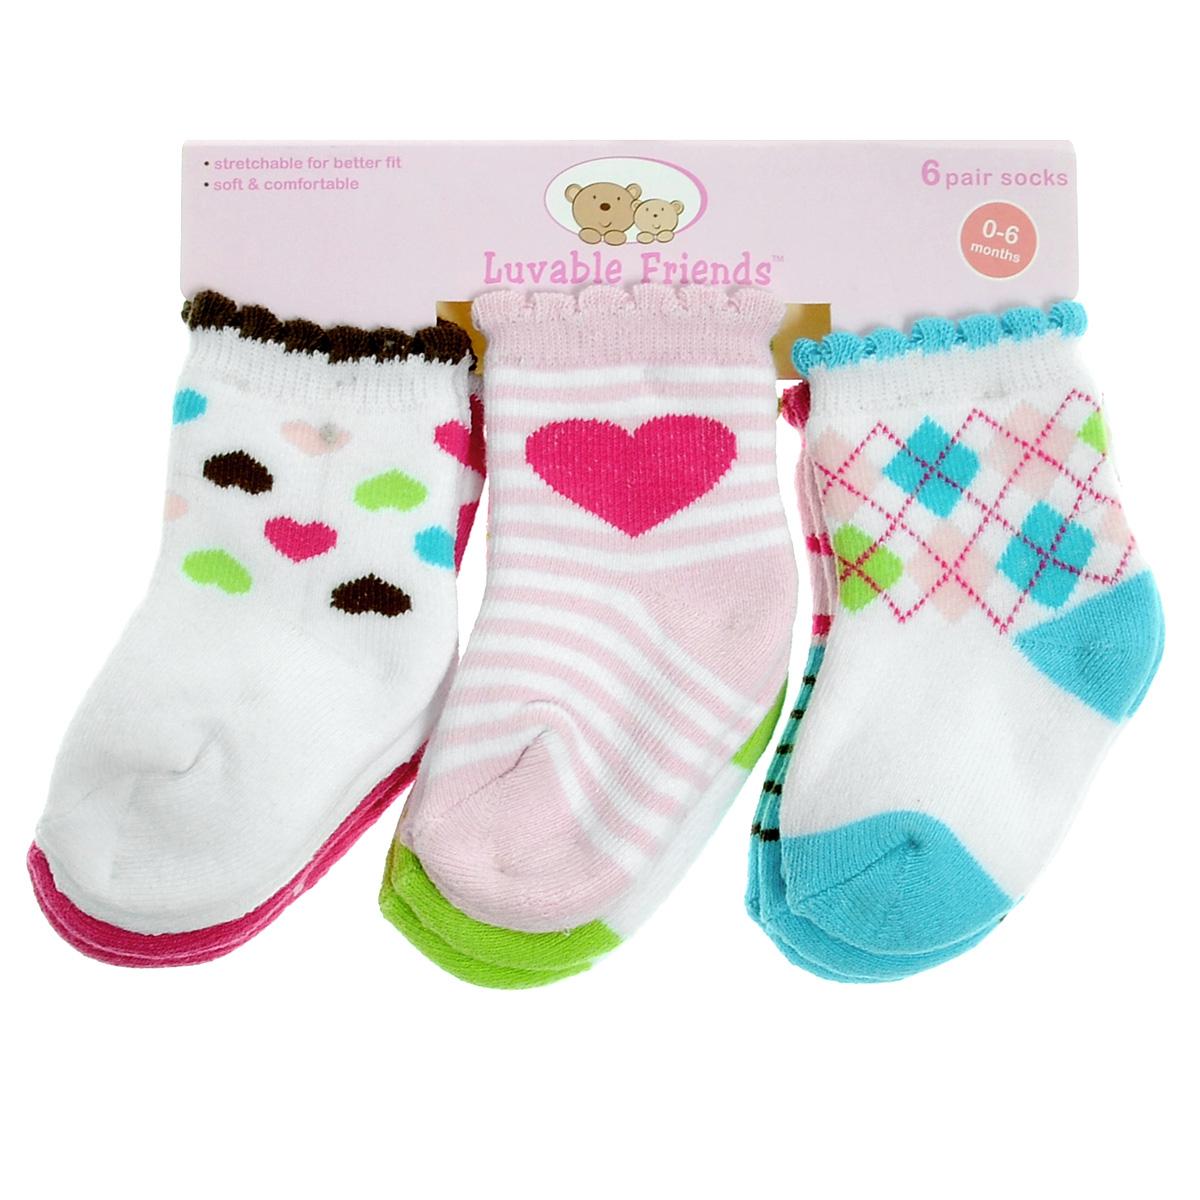 Комплект носков26110Комфортные и прочные детские носки Luvable Friends Яркий принт, махровые внутри, очень мягкие на ощупь. Эластичная резинка плотно облегает ножку ребенка, не сдавливая ее, благодаря чему малышу будет комфортно и удобно. Комплект состоит из шести пар носочков с различной цветовой гаммой и притом.